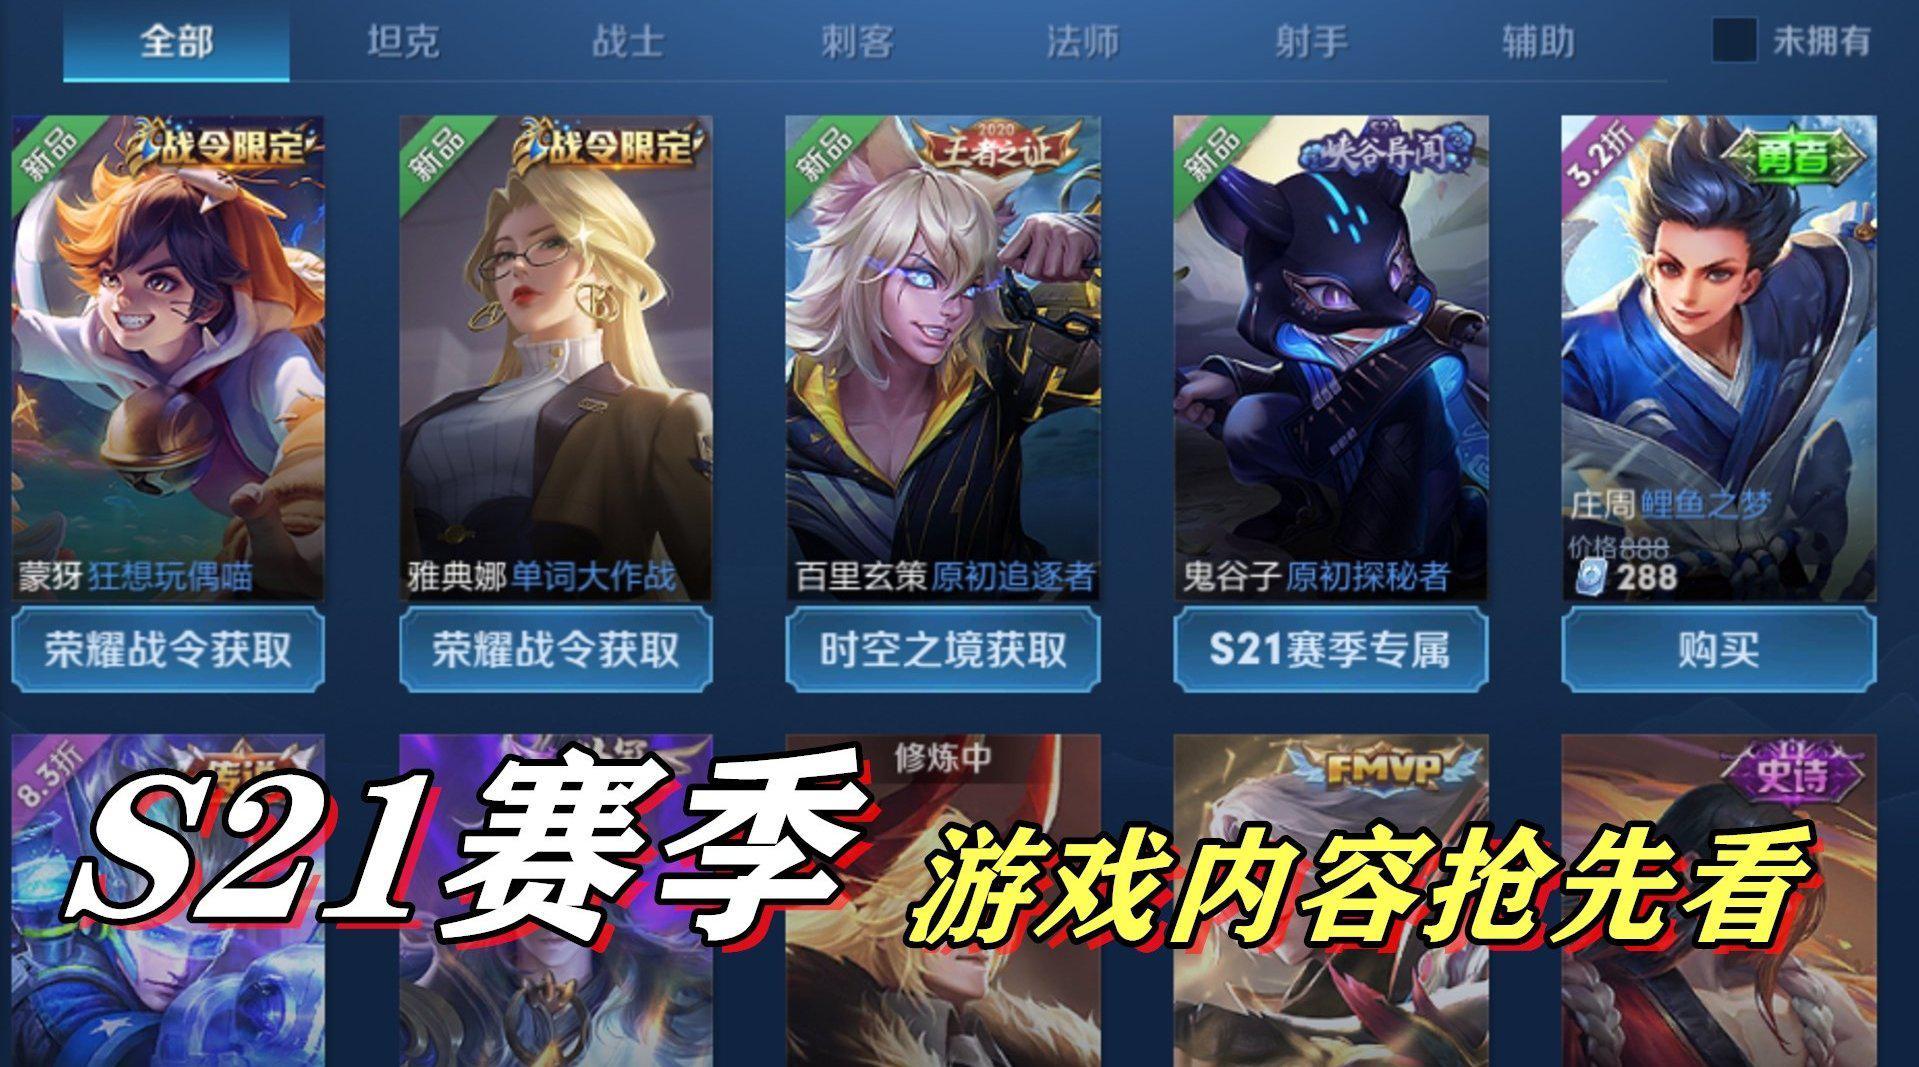 S21赛季王者荣耀内容抢先试玩,4个新皮肤,6件新装备!